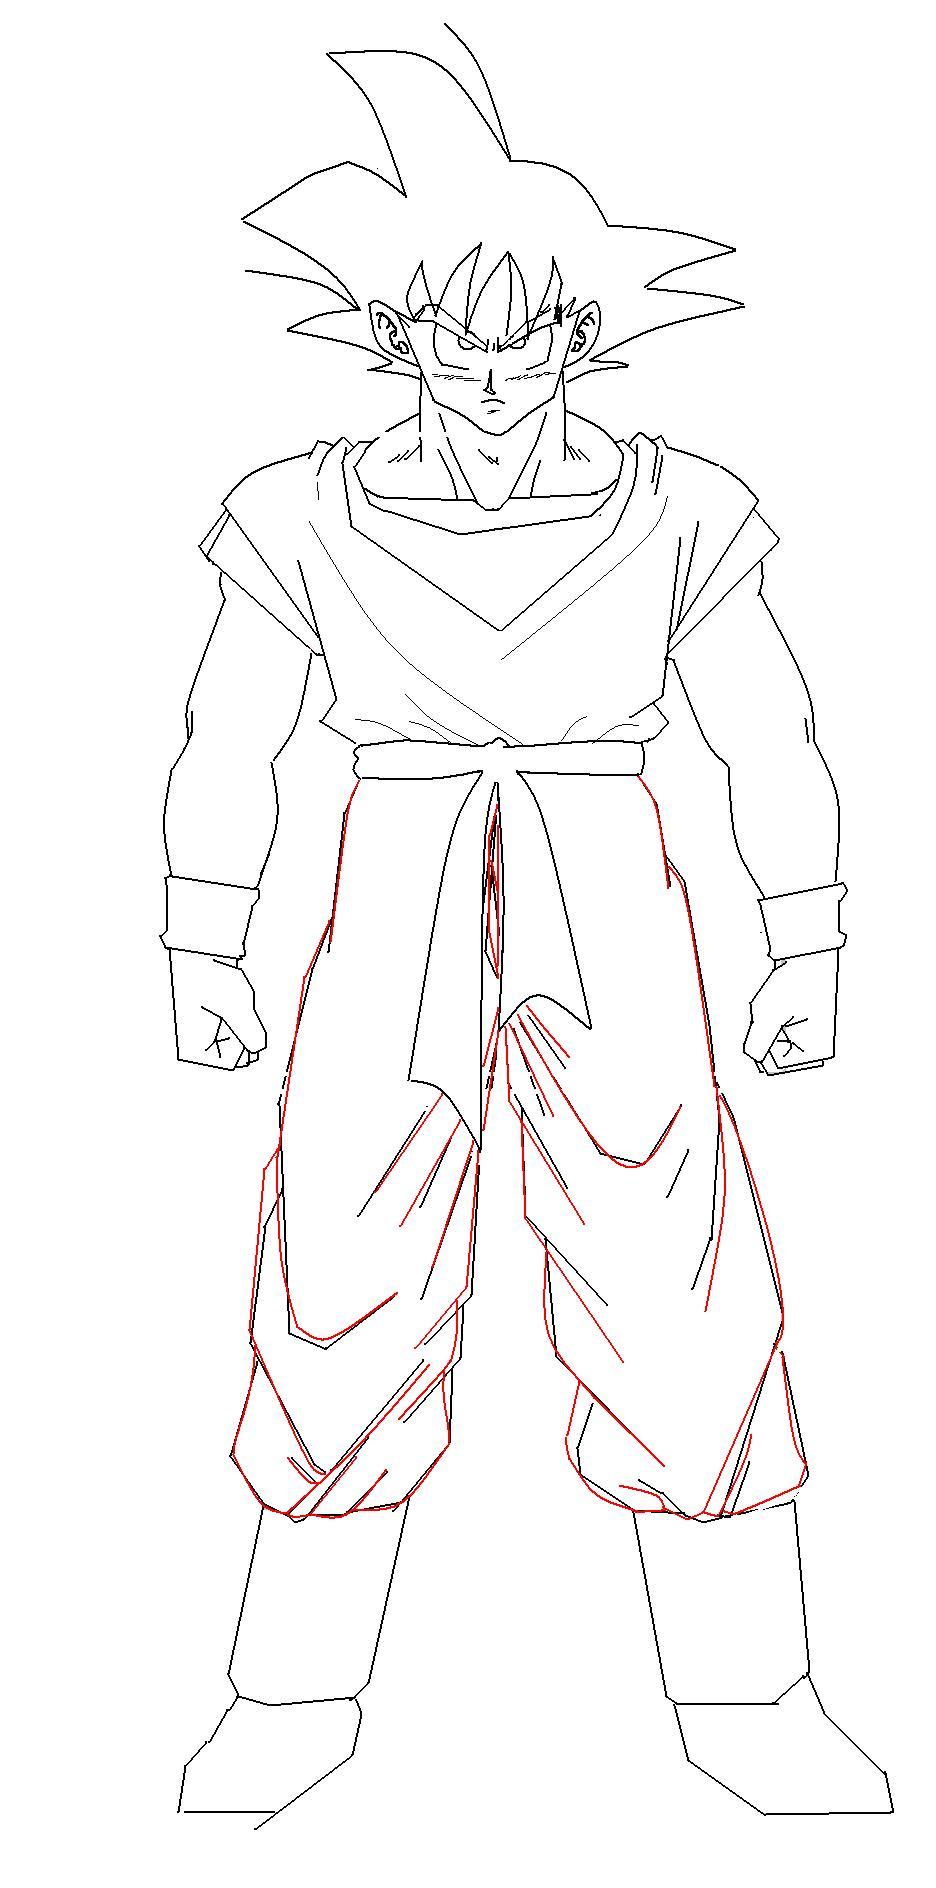 龙珠人物手绘线条图,不要太复杂太难画.这种图